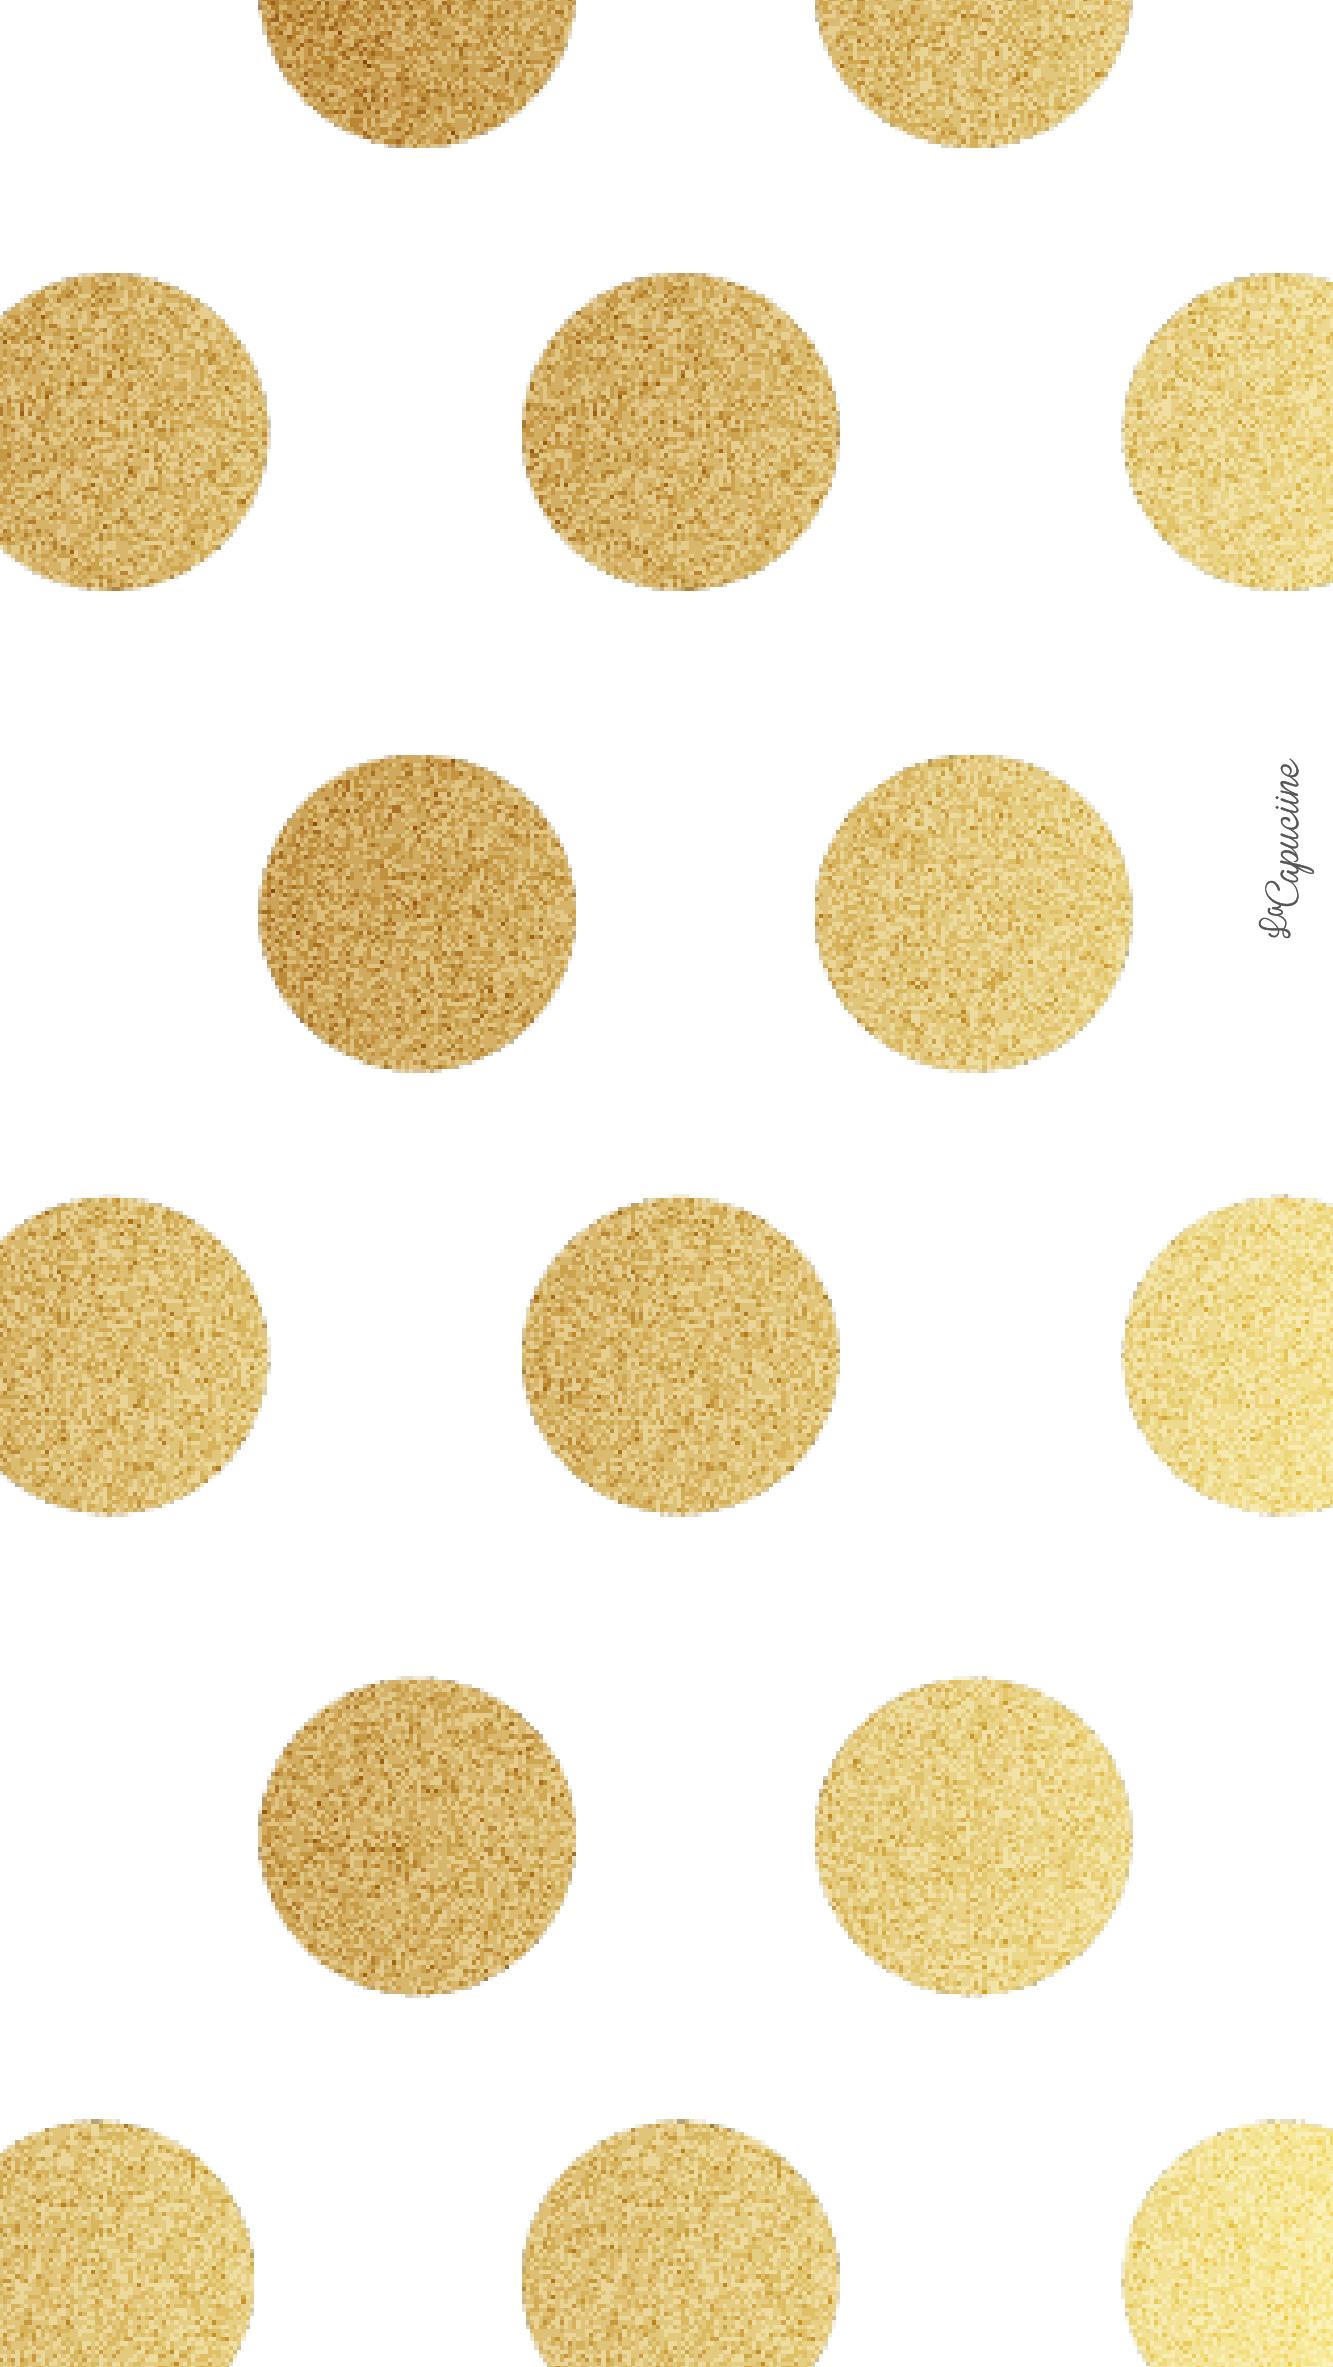 Fond d 39 cran paillettes illustrationer och inspiration for Fond ecran jul